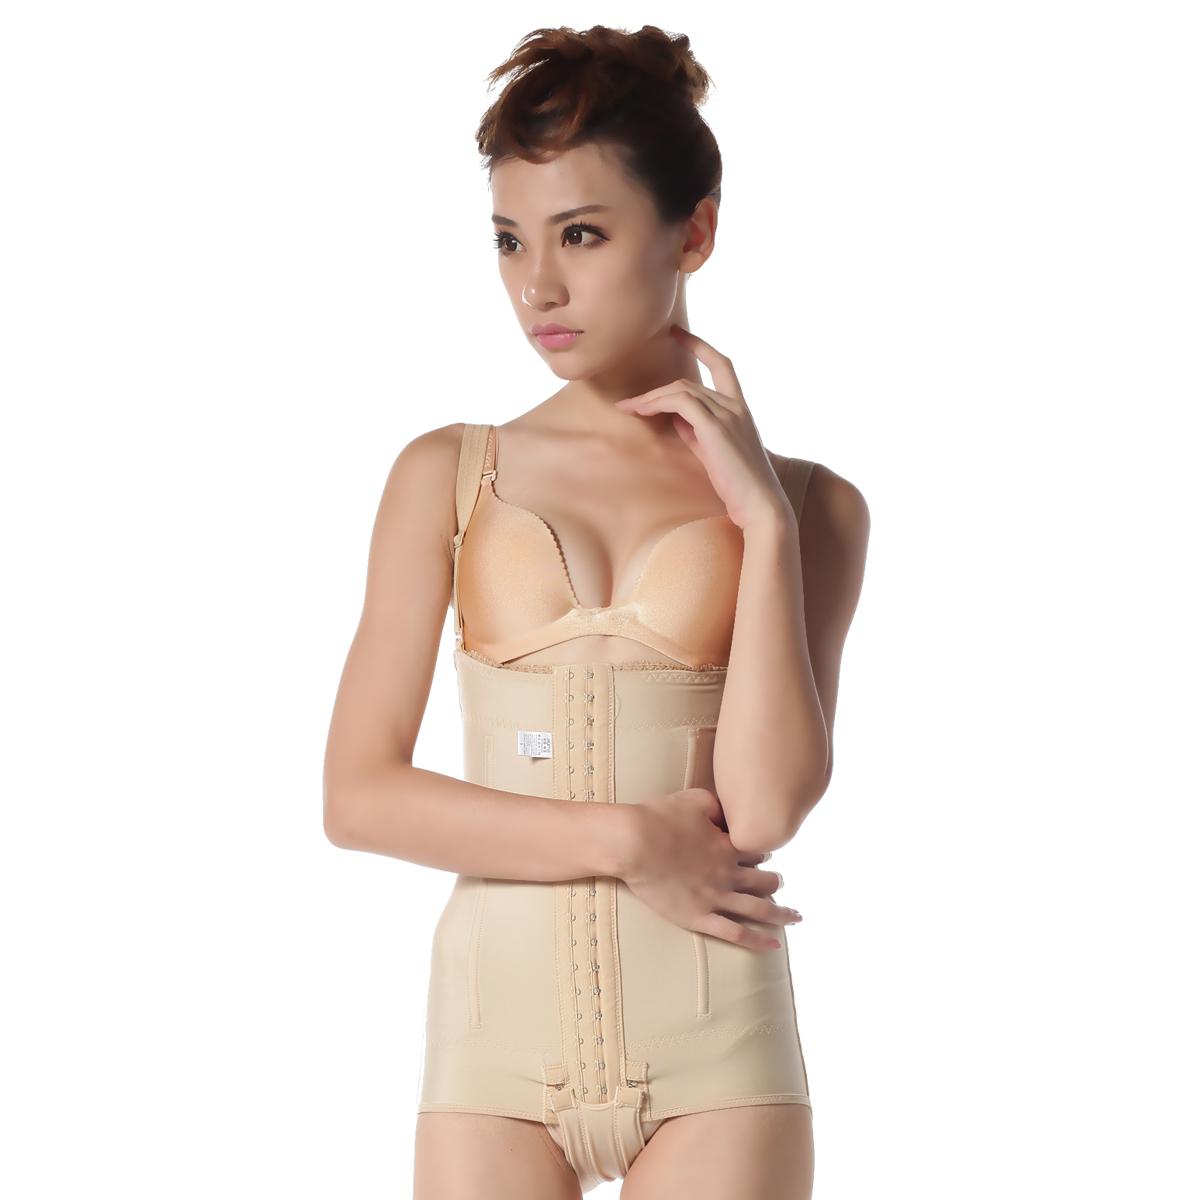 瘦身塑身衣瘦身加压一期连体身上强效收腹提臀牌子束身带哪个中药好图片